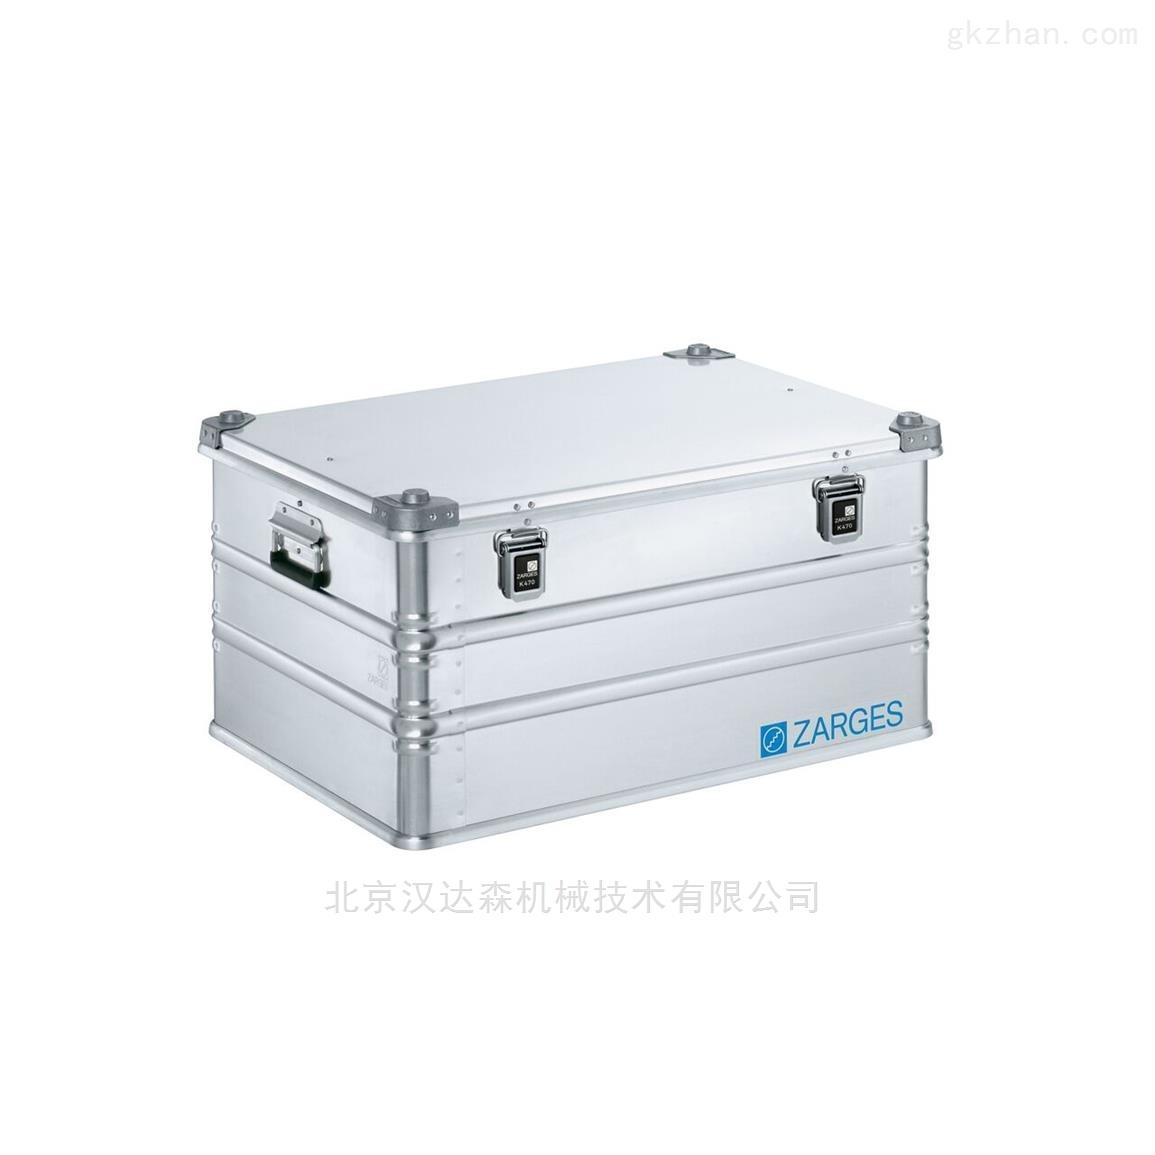 Zarges标本箱/安全箱